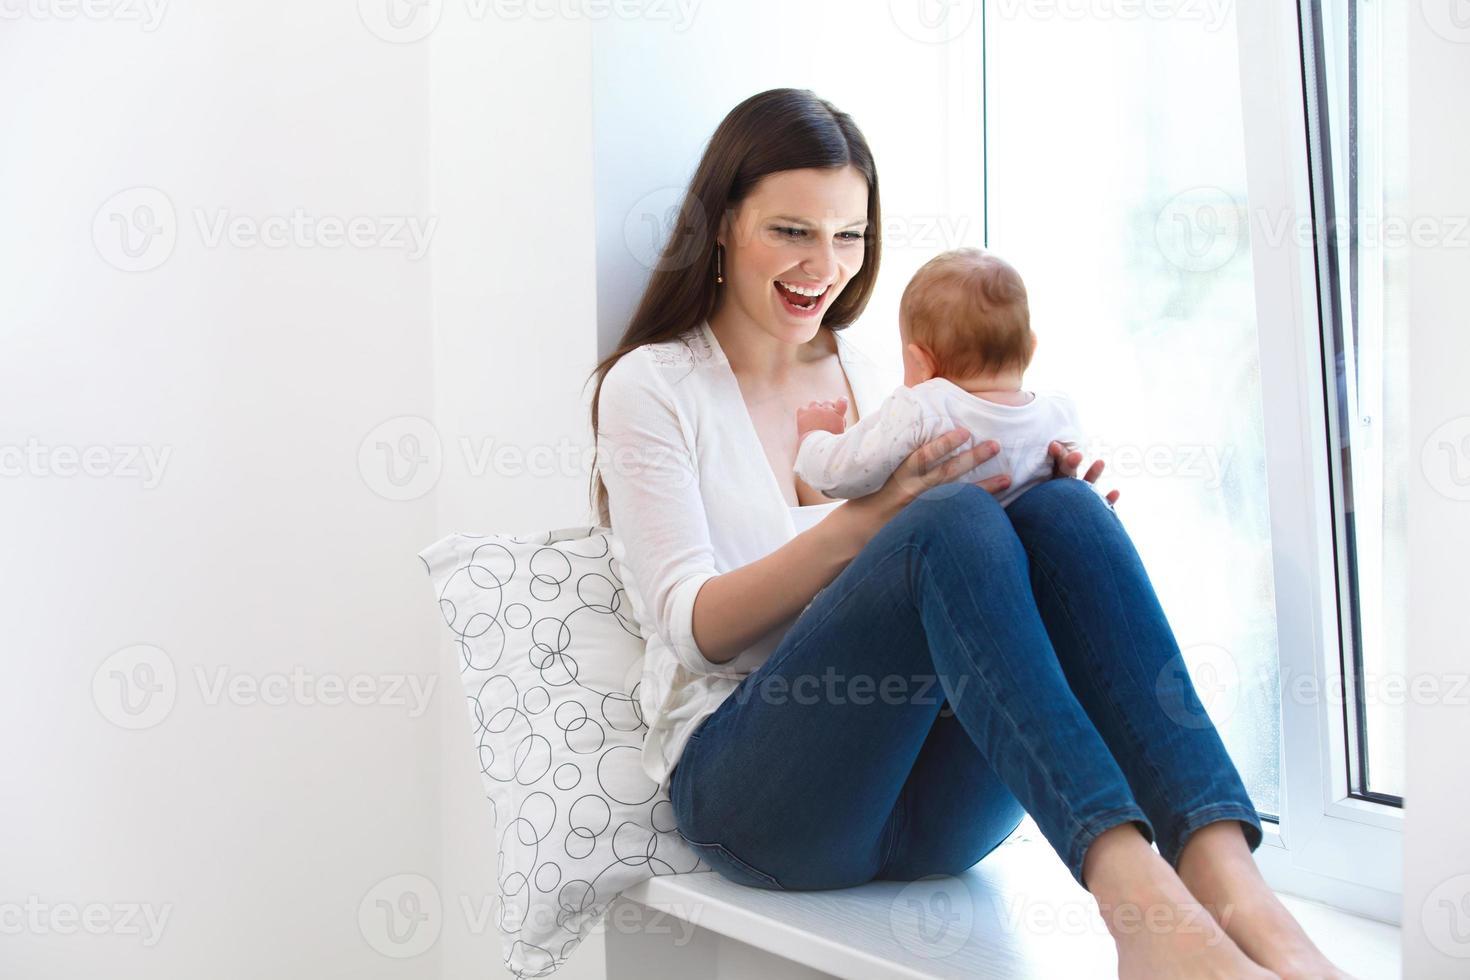 moeder en baby spelen. gelukkig gezin foto